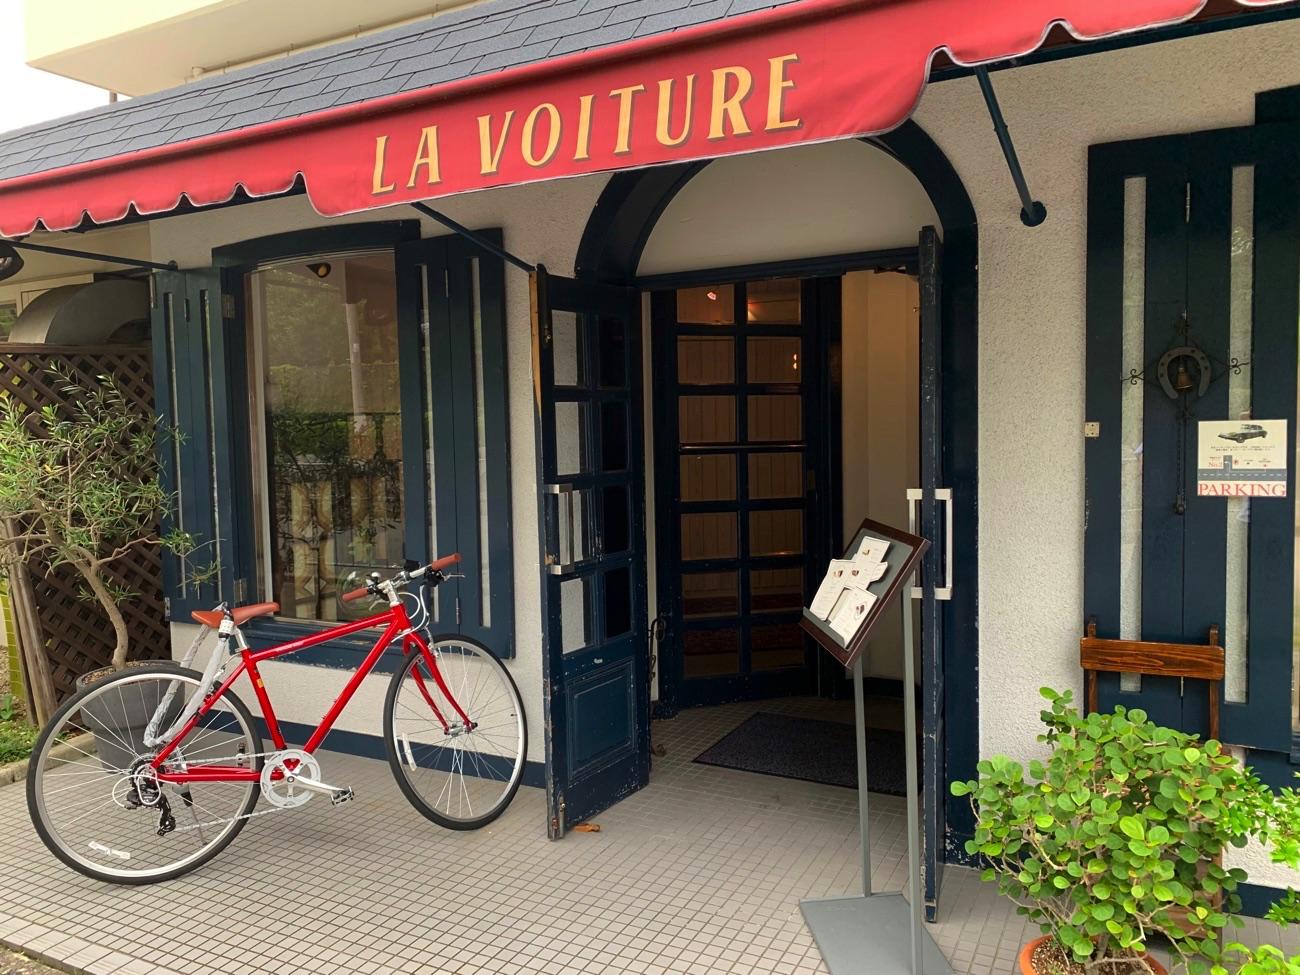 フランス語で「LA VOITURE」と書かれている